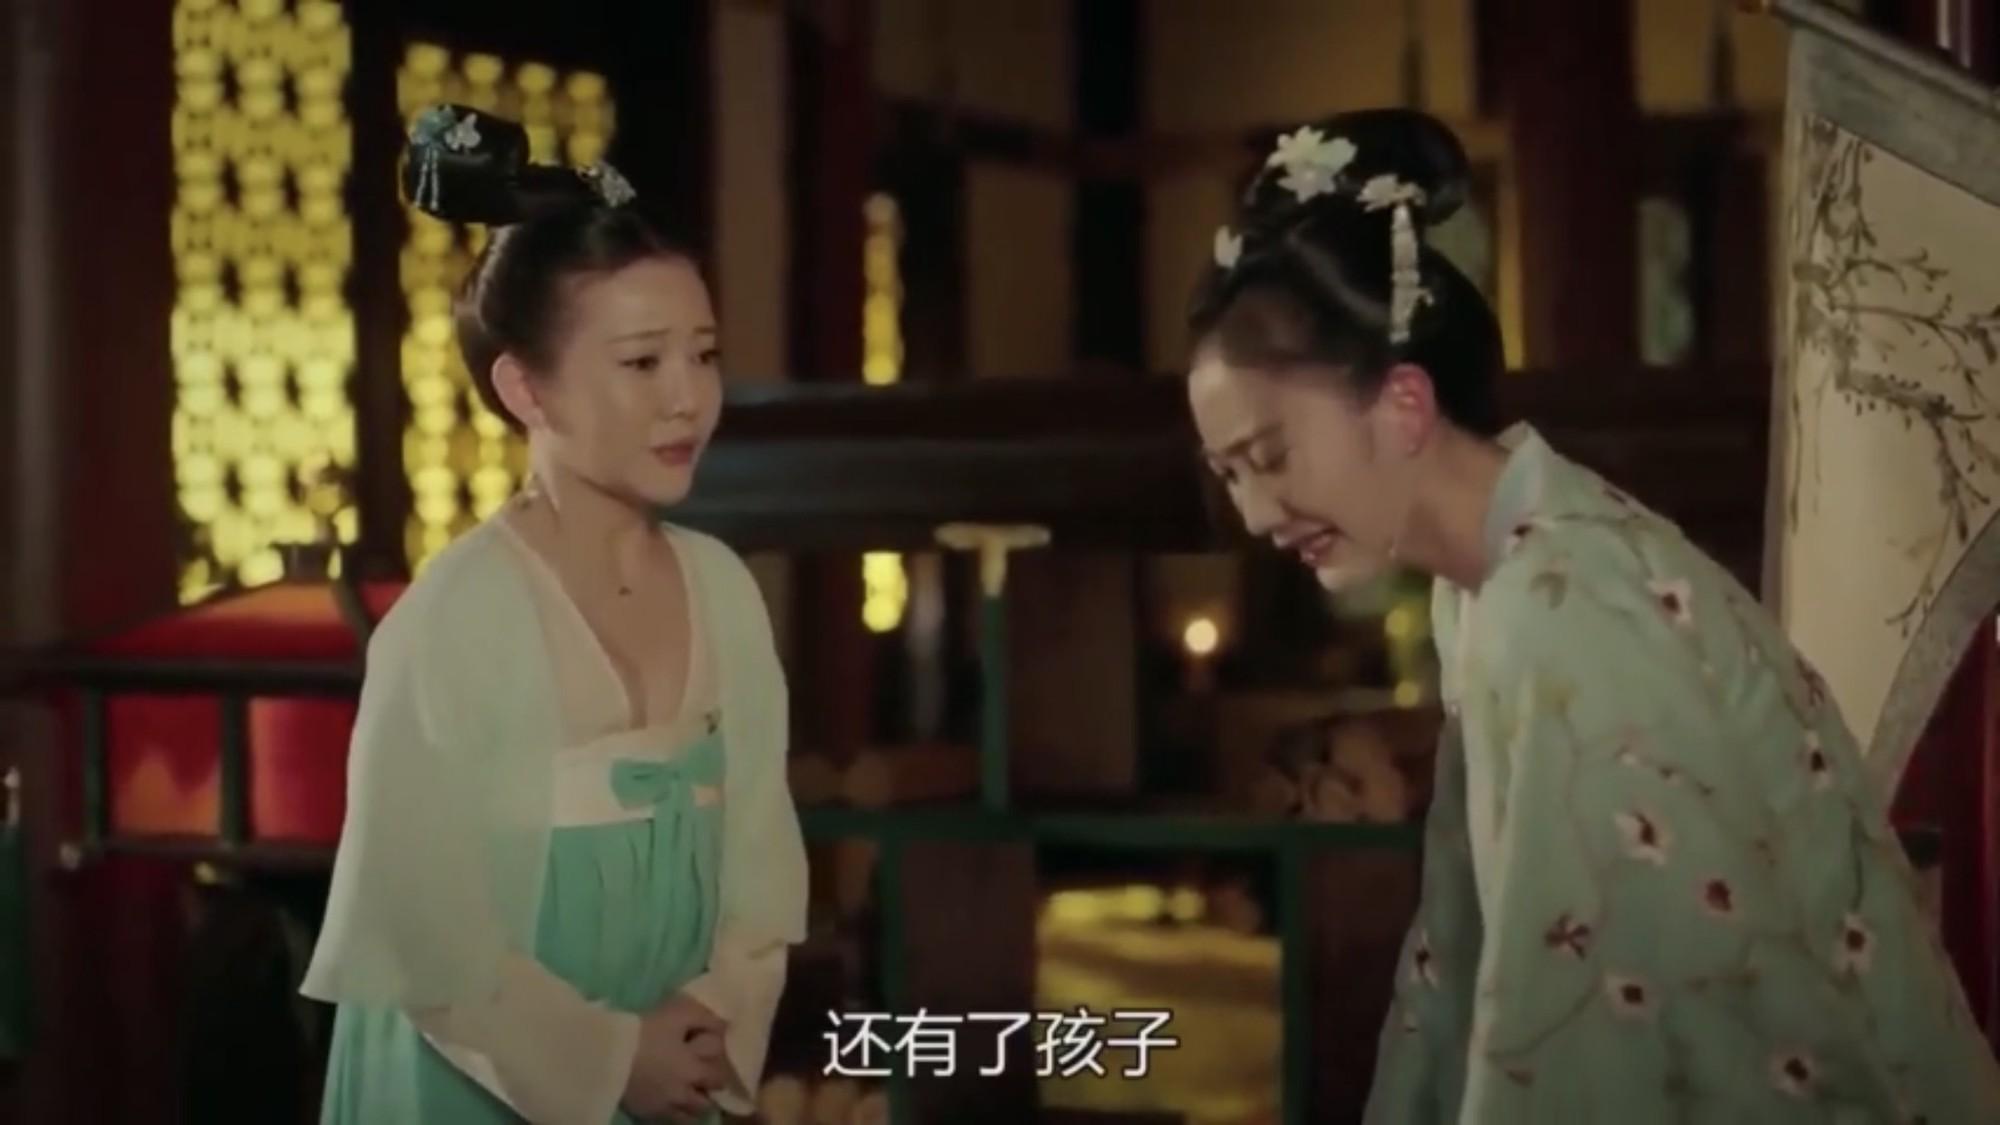 Sinh thần độc đáo nhất trong Đông Cung: Chủ tiệc sầu tơi tả, khách không mời lại hả hê - Ảnh 14.